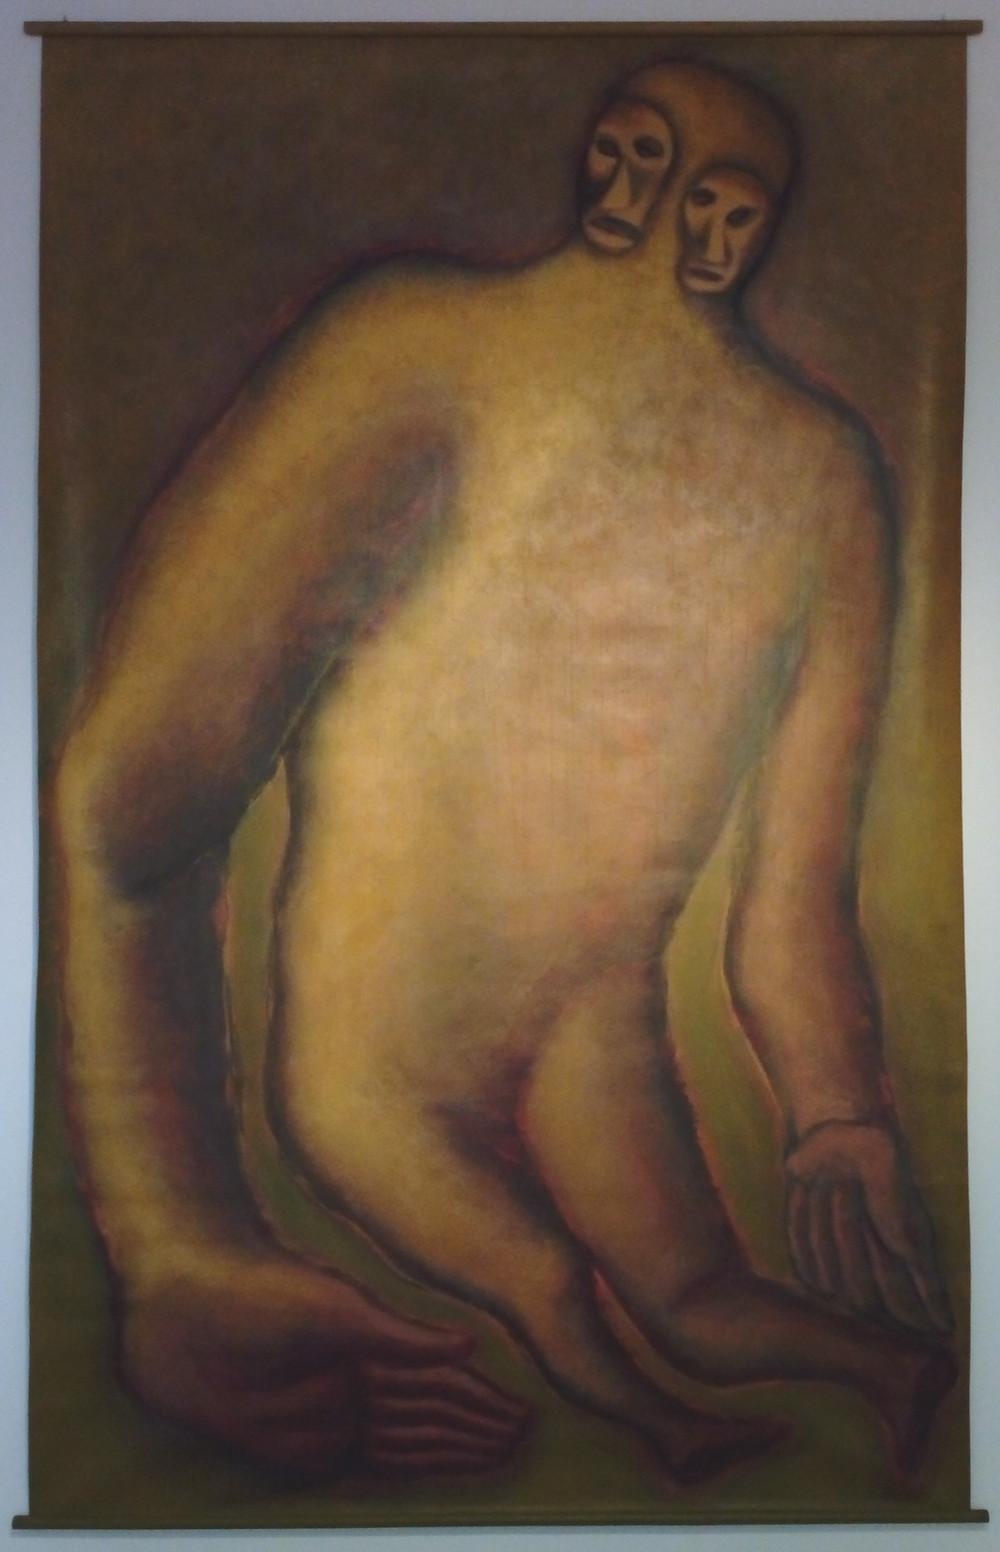 Gaál József: Janus, 2004